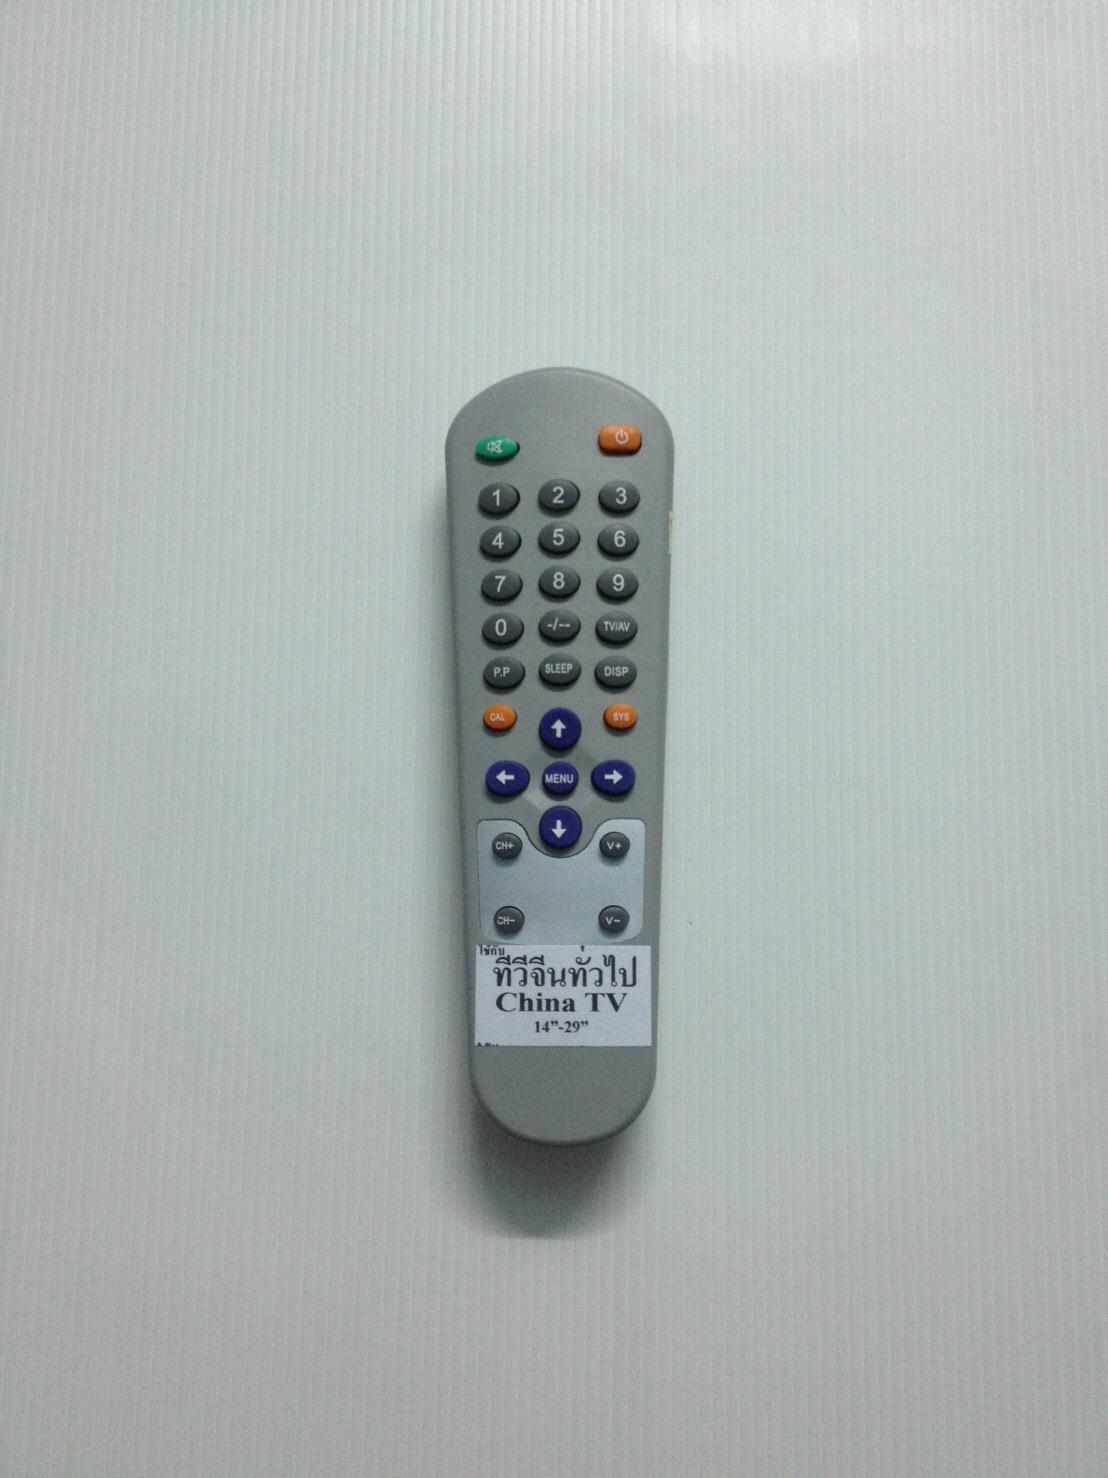 รีโมททีวีจีนทั่วไป 4 ปุ่มล่าง ลงหลายยี่ห้อ